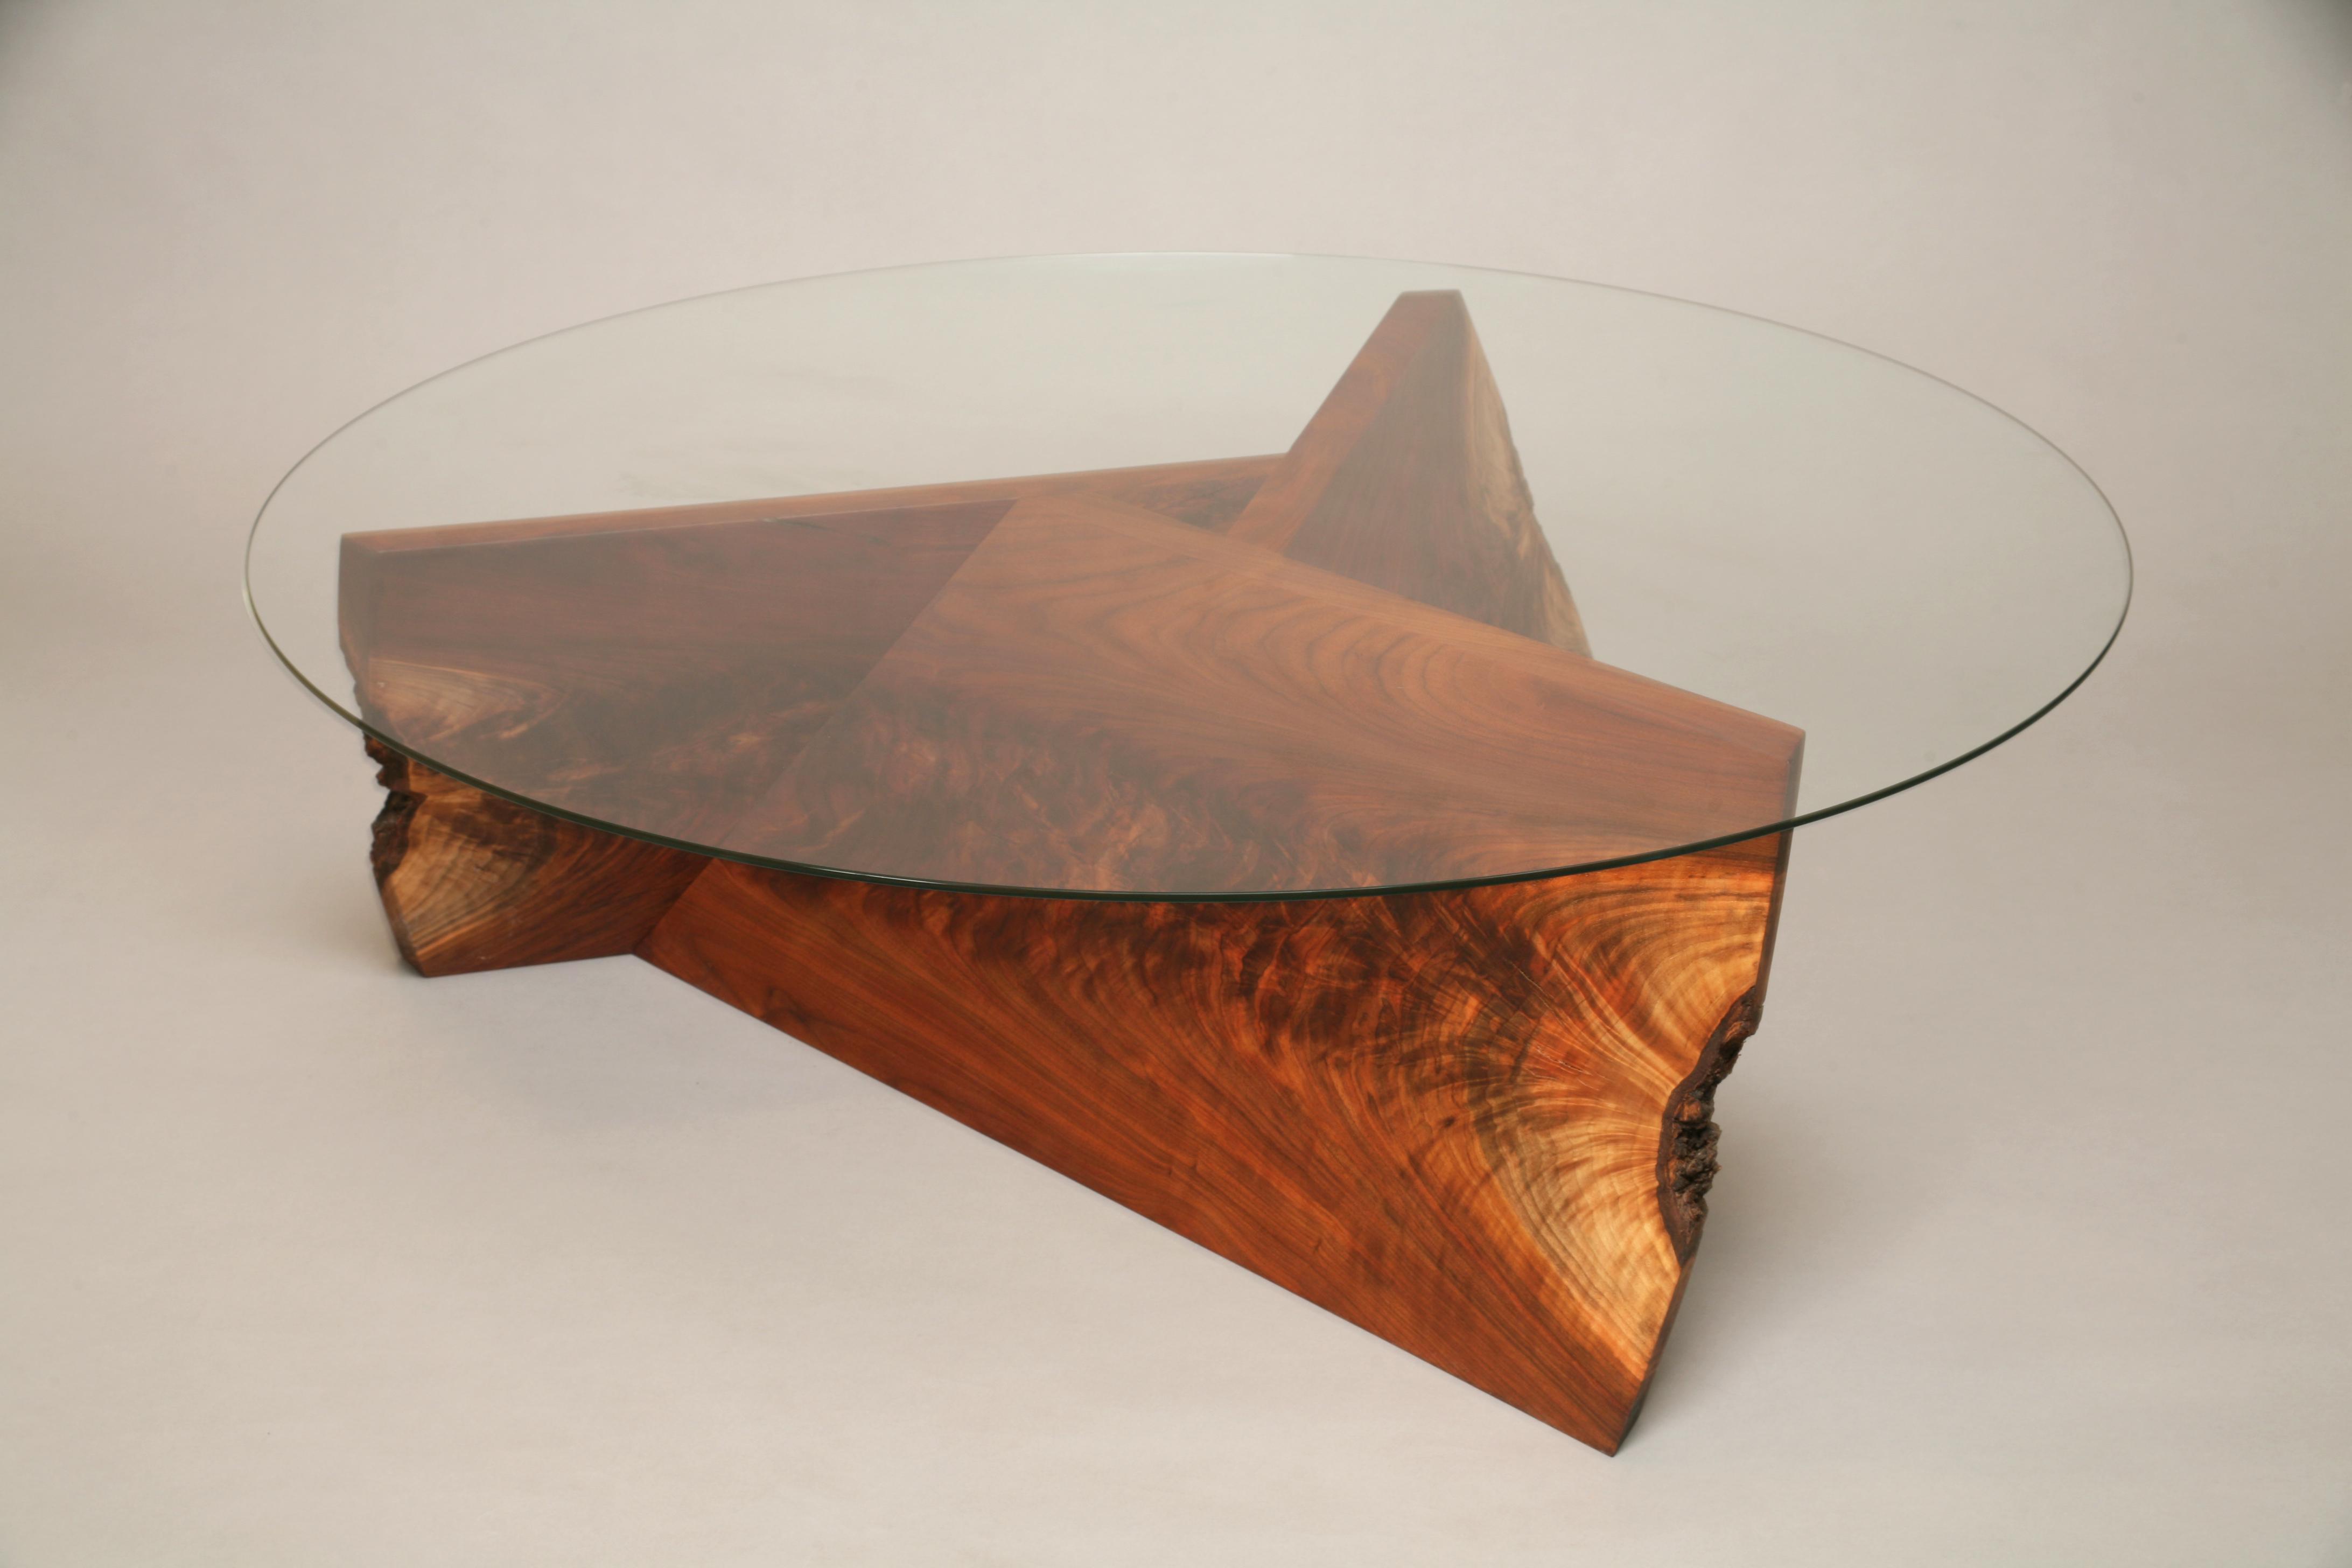 Creativity in Furniture!